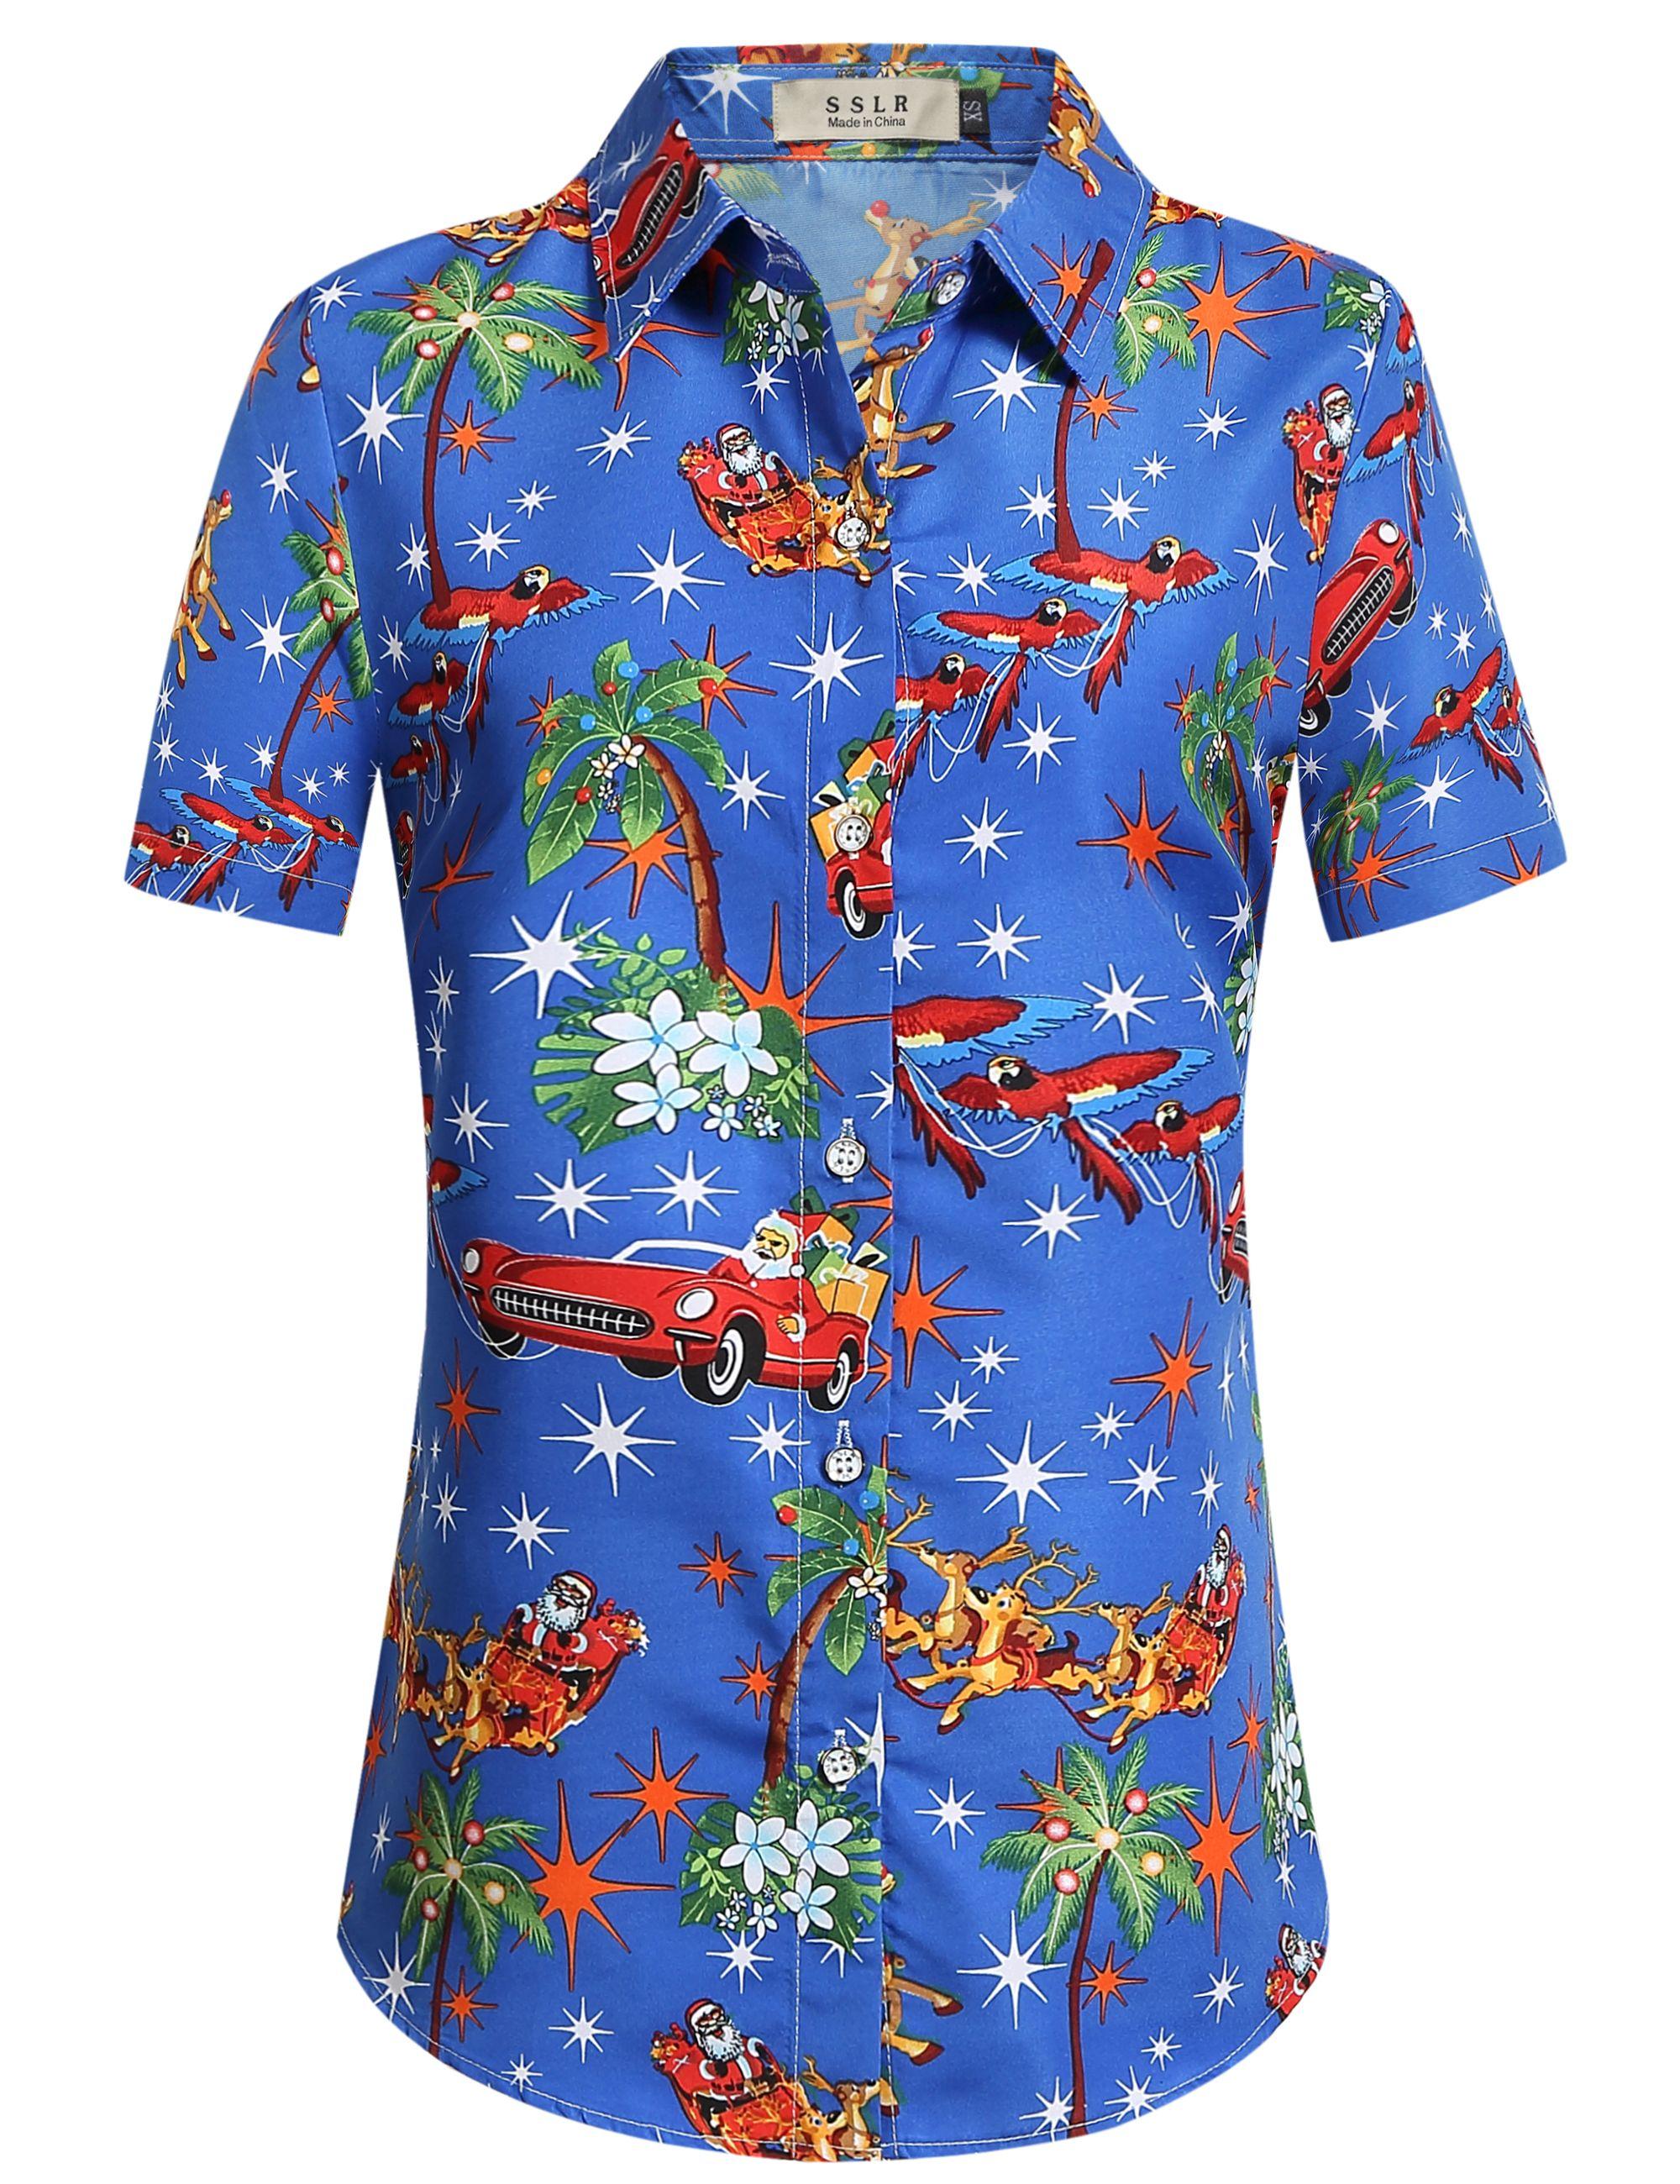 0a412ac7 SSLR Men's Santa Claus Holiday Party Hawaiian Ugly Christmas Shirt (Small,  Black) | Hawaiian Christmas Party | Christmas shirts, Christmas hawaiian  shirts, ...